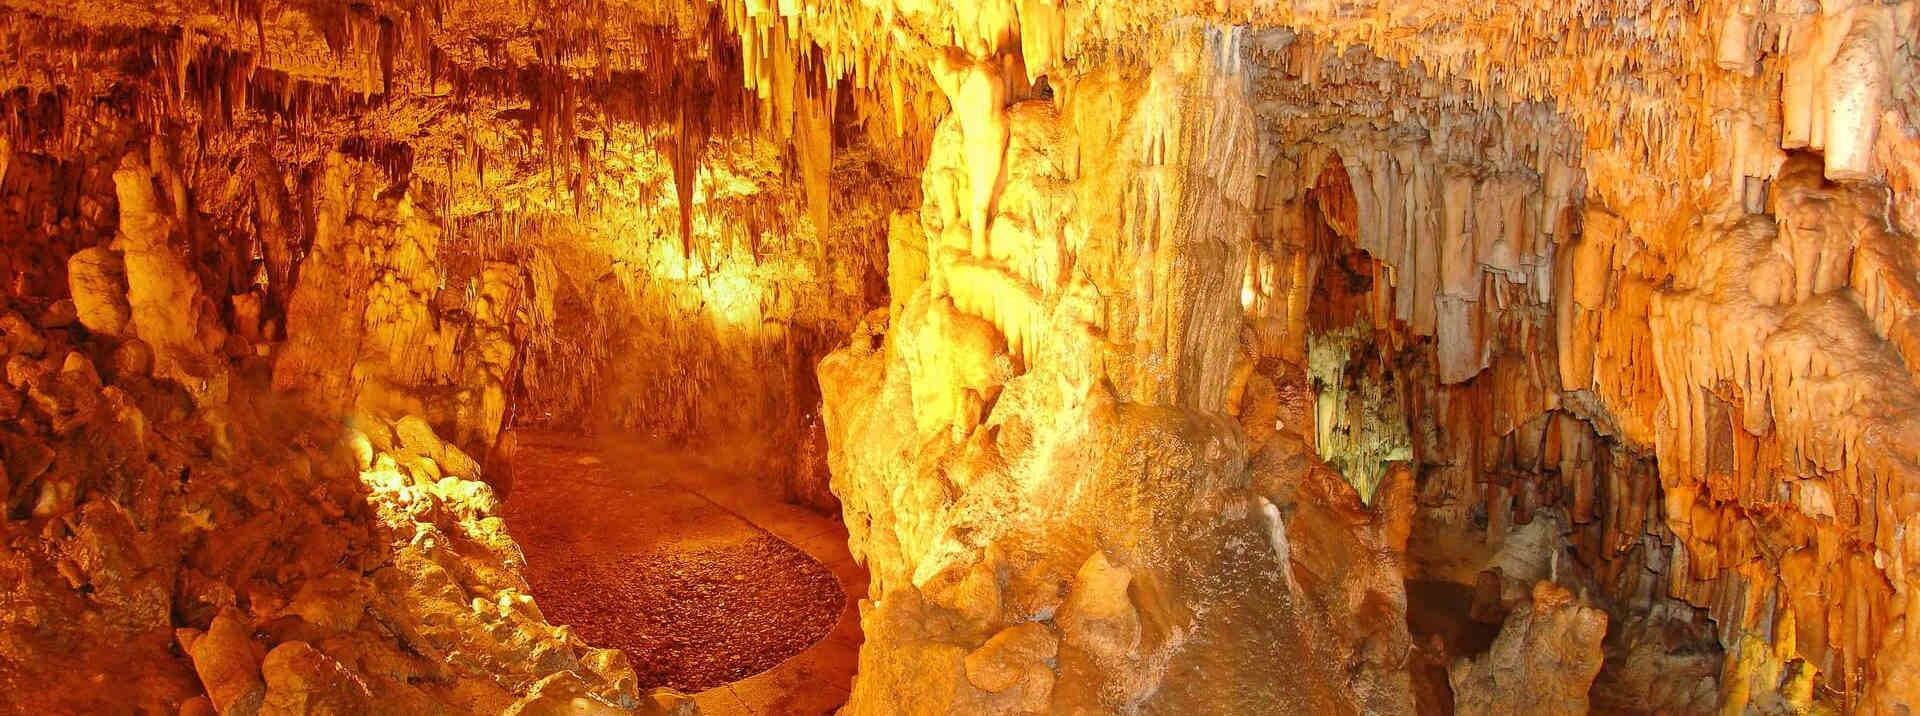 Достопримечательности Кефалонии: пещера Дрогарати. Греция отдых.